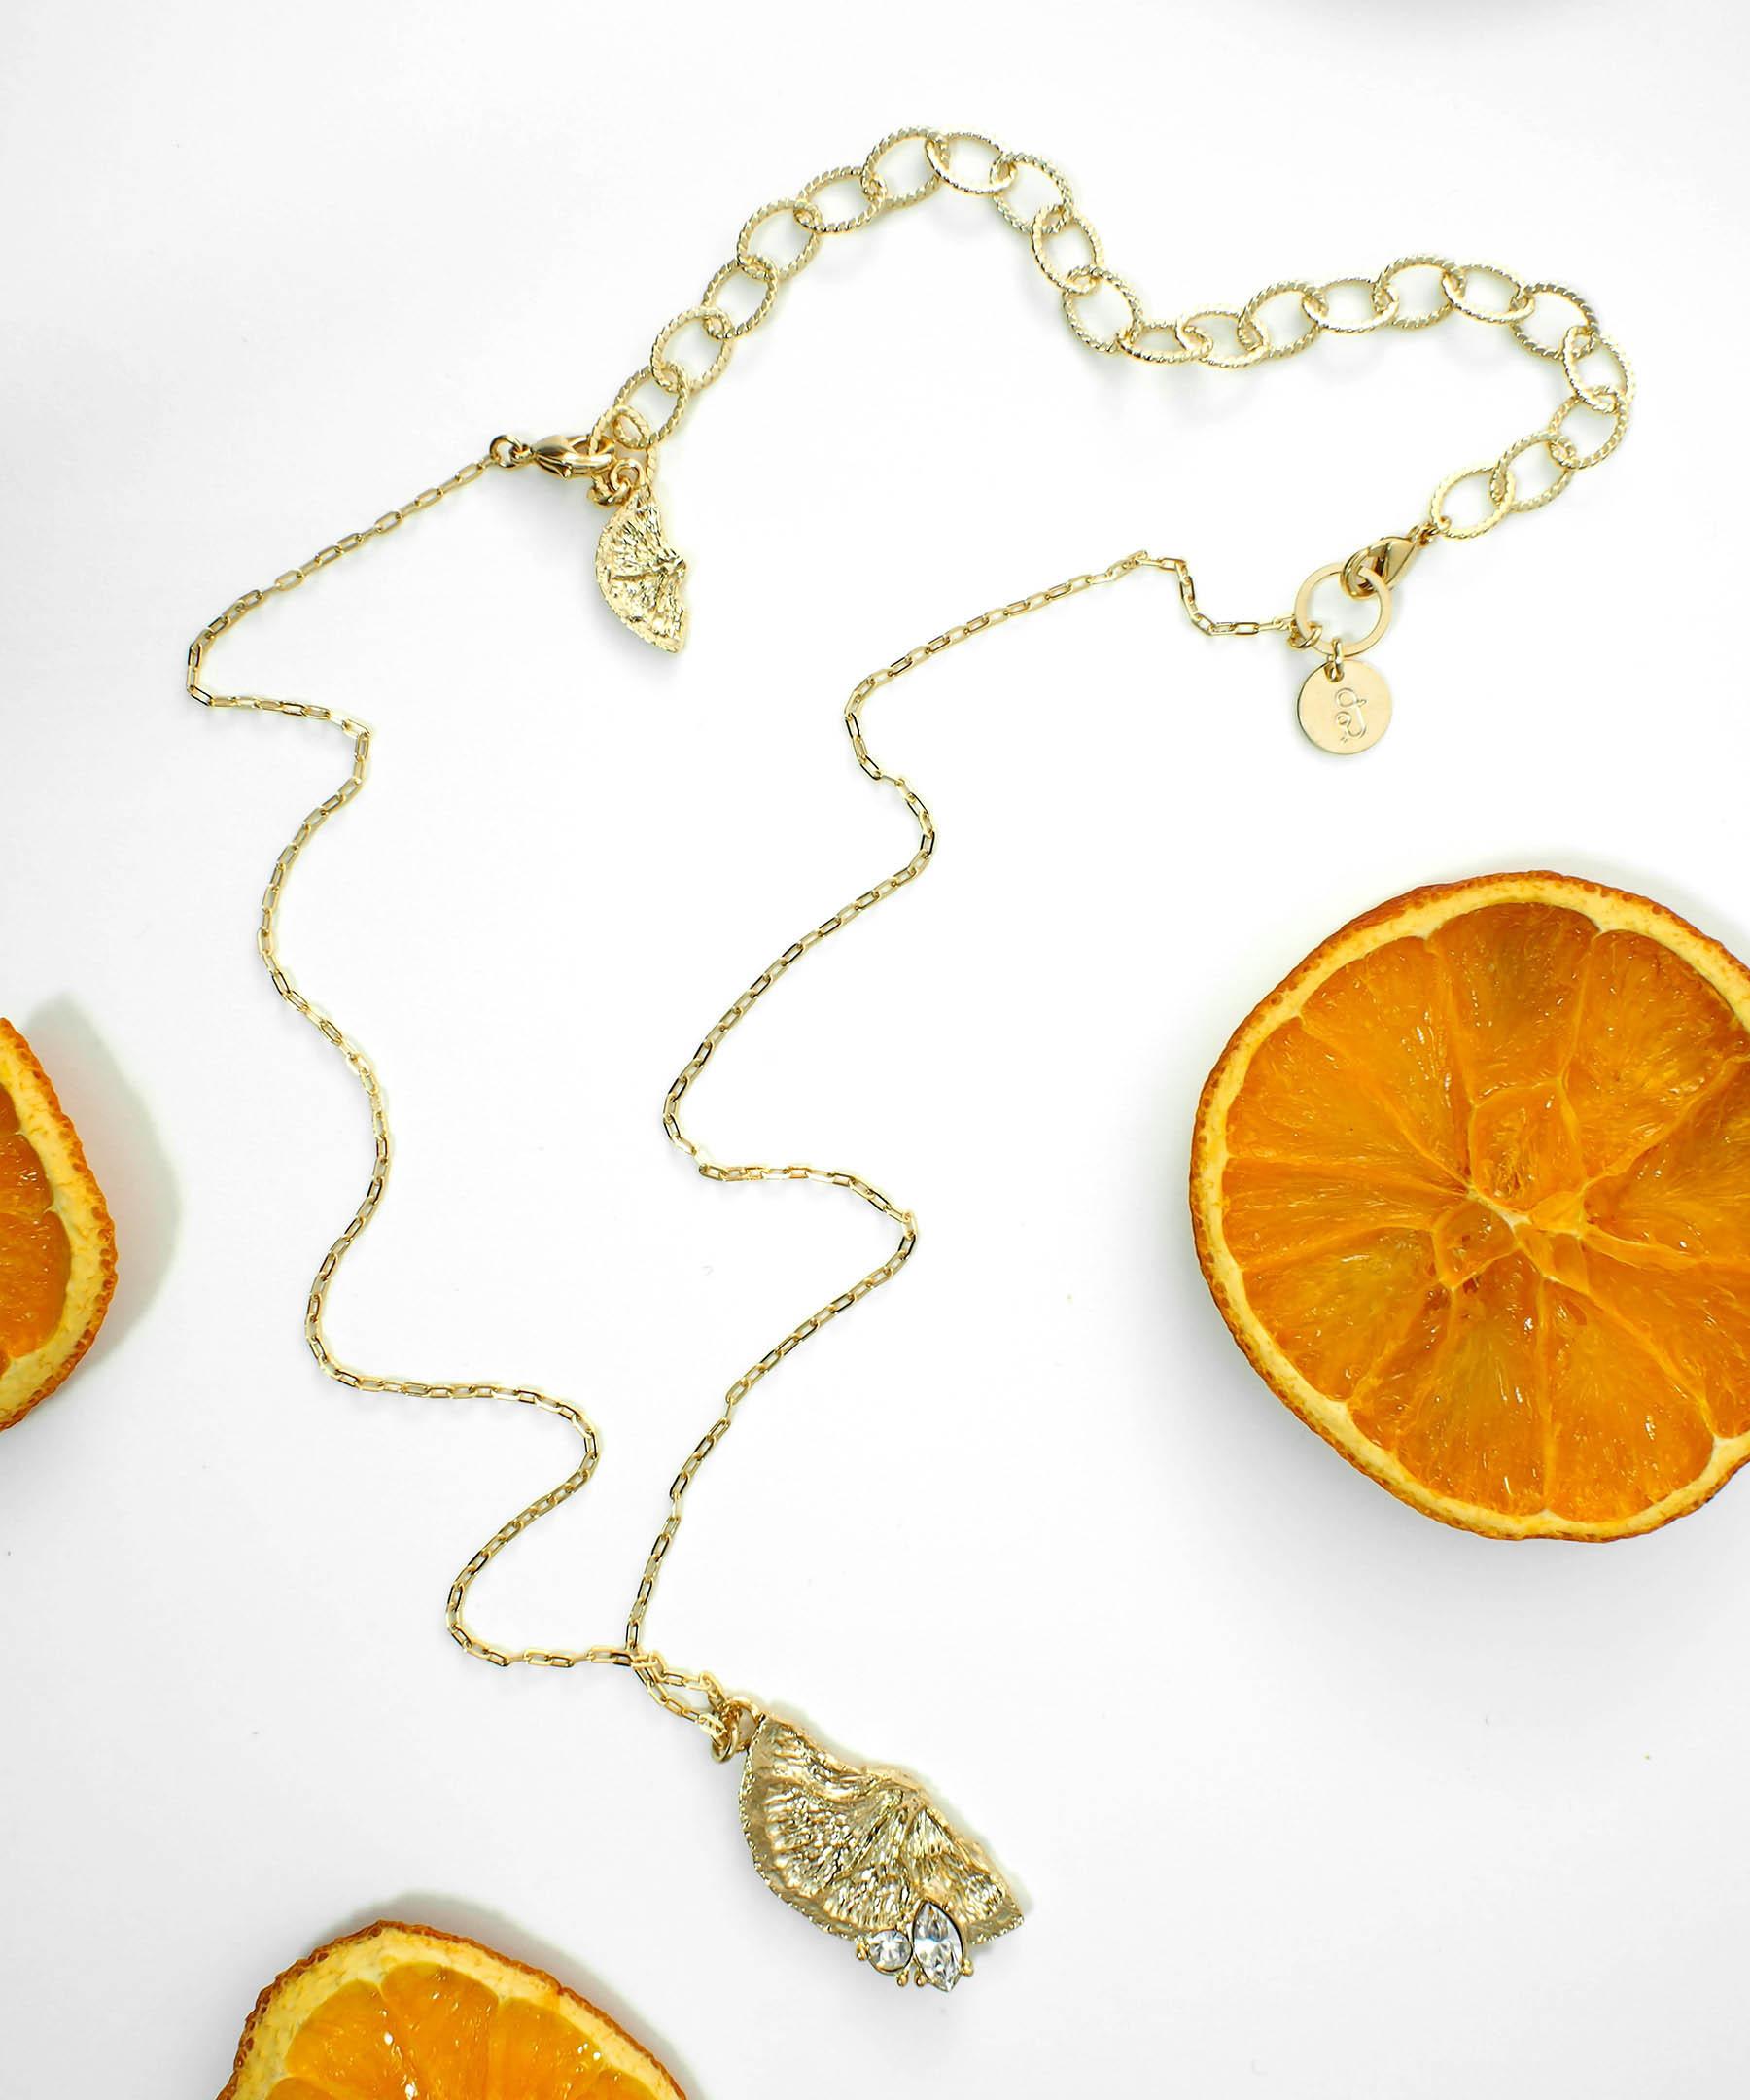 オレンジペンダントネックレス